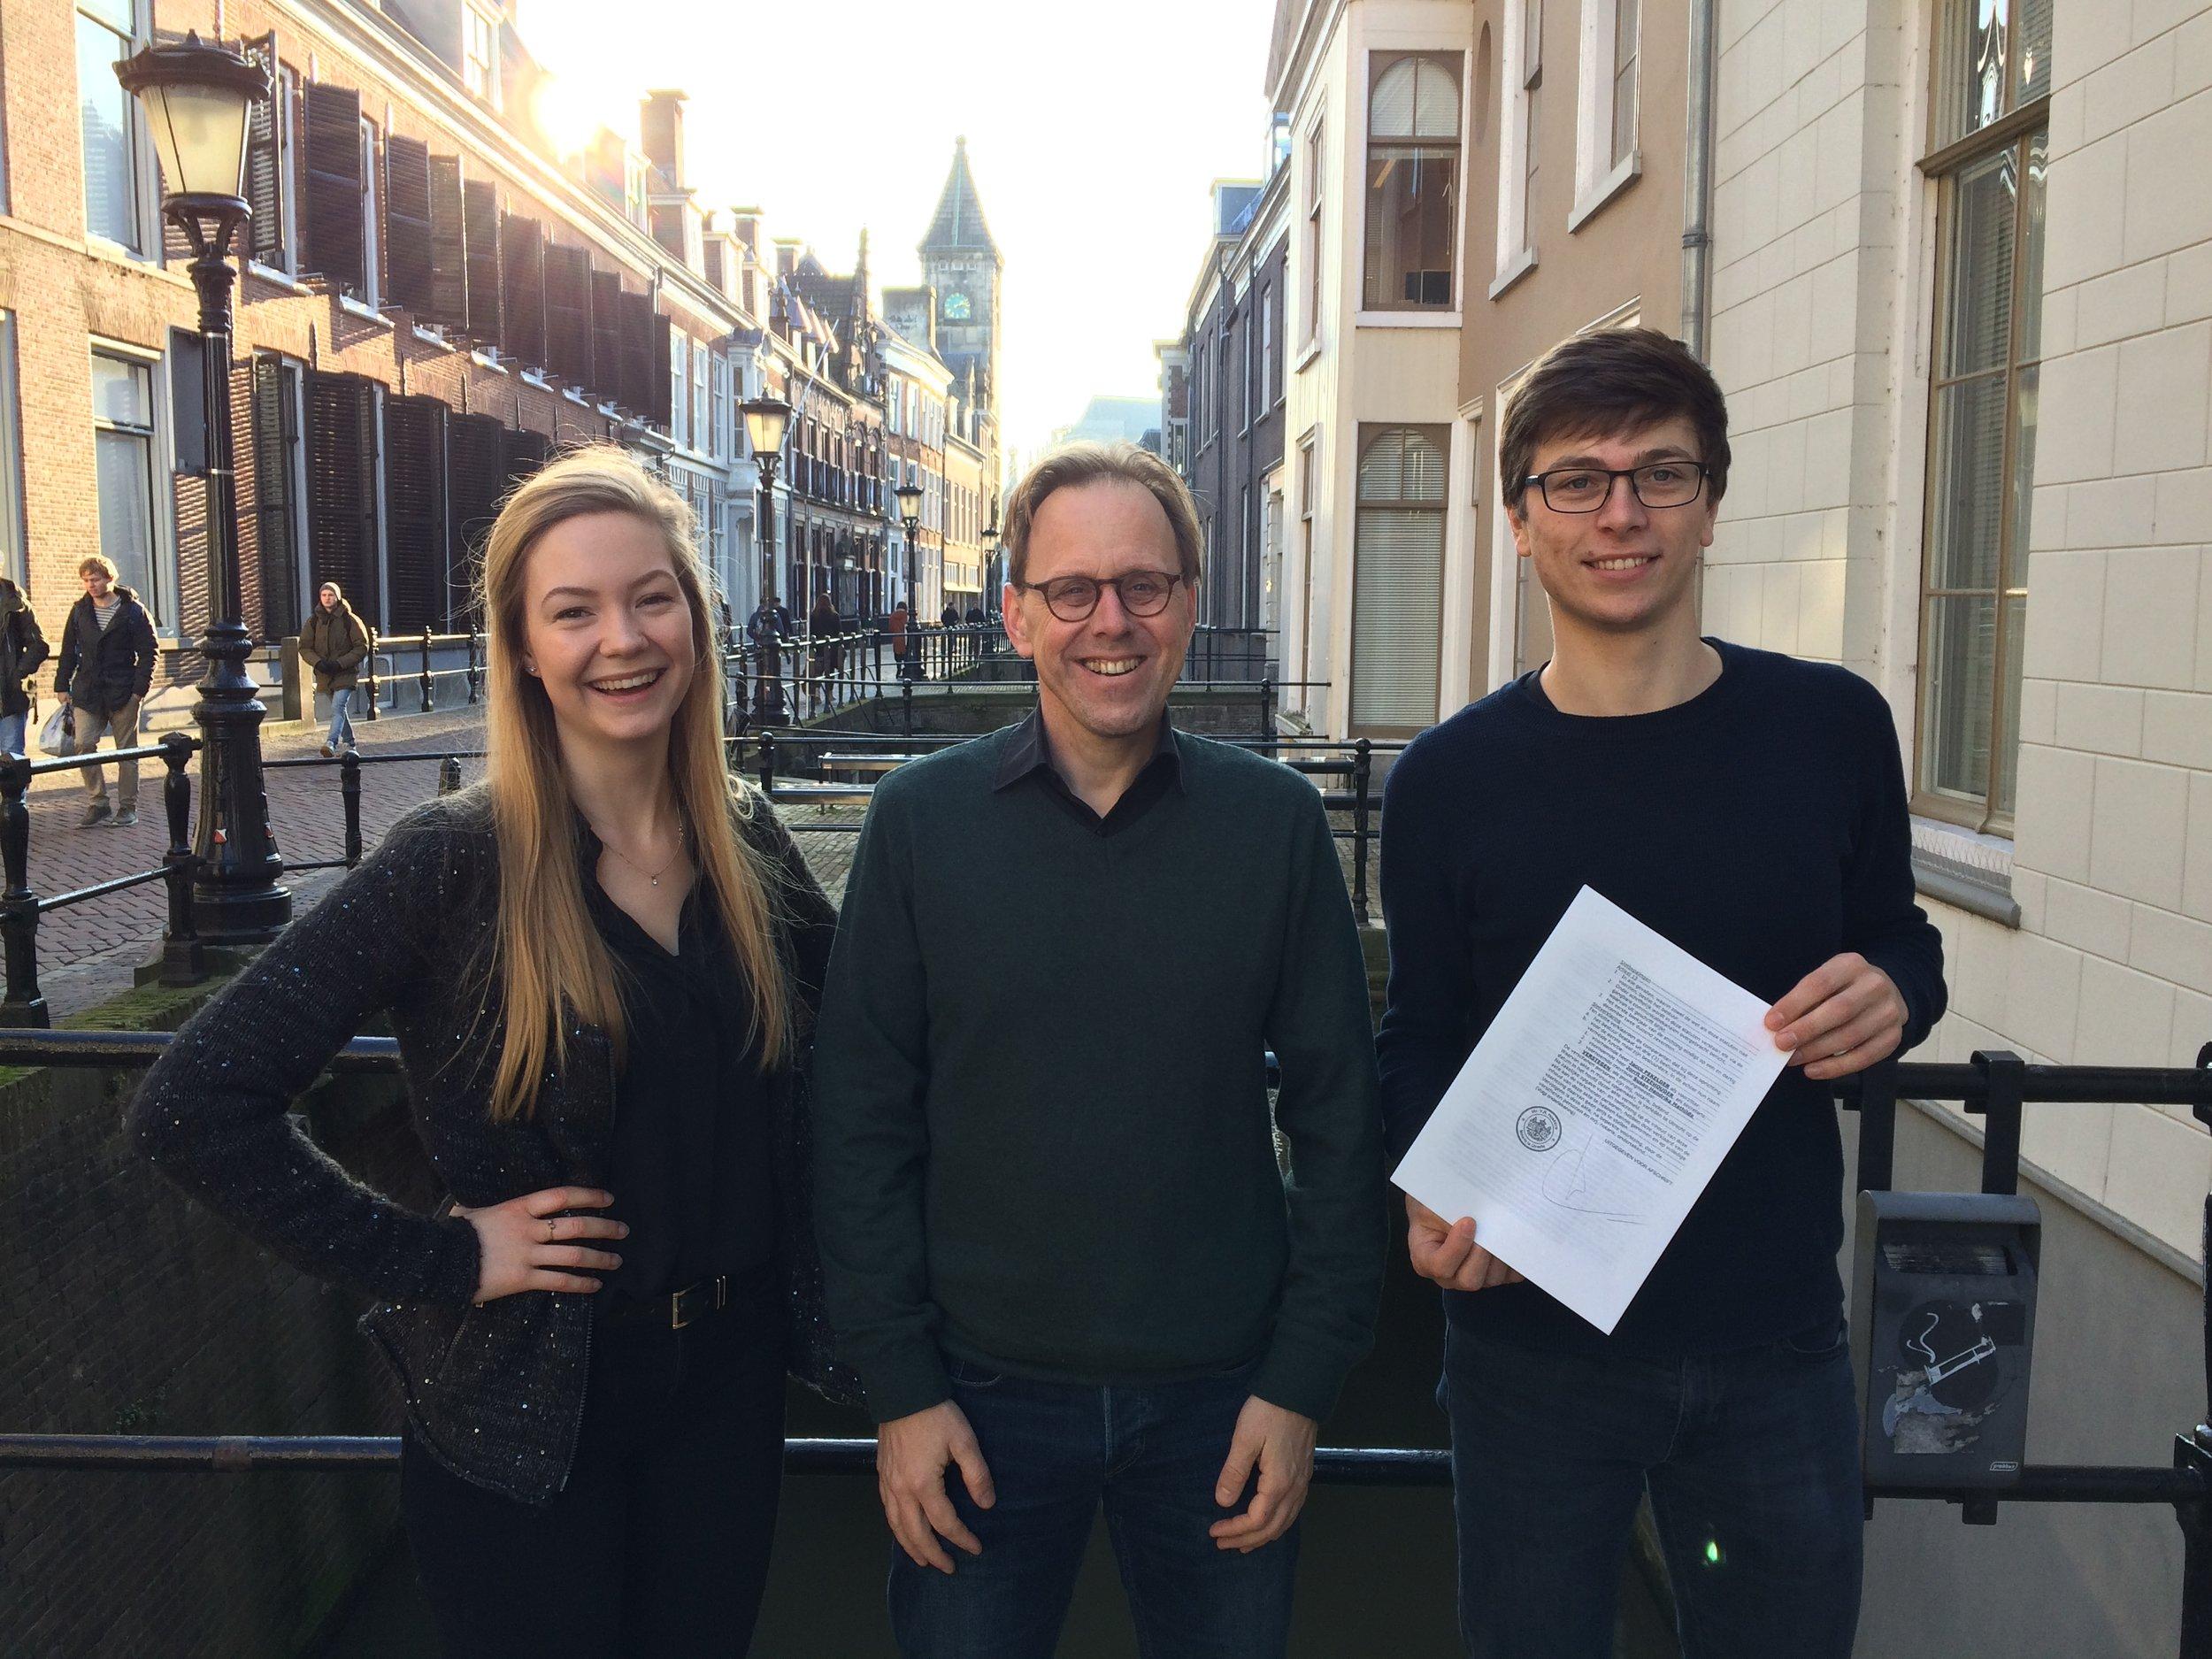 Het bestuur bestaat uit (v.l.n.r.): Susan Verstegen MA (penningmeester), Prof. dr. Jacco Pekelder (voorzitter), Jorrit Steehouder MA (secretaris)